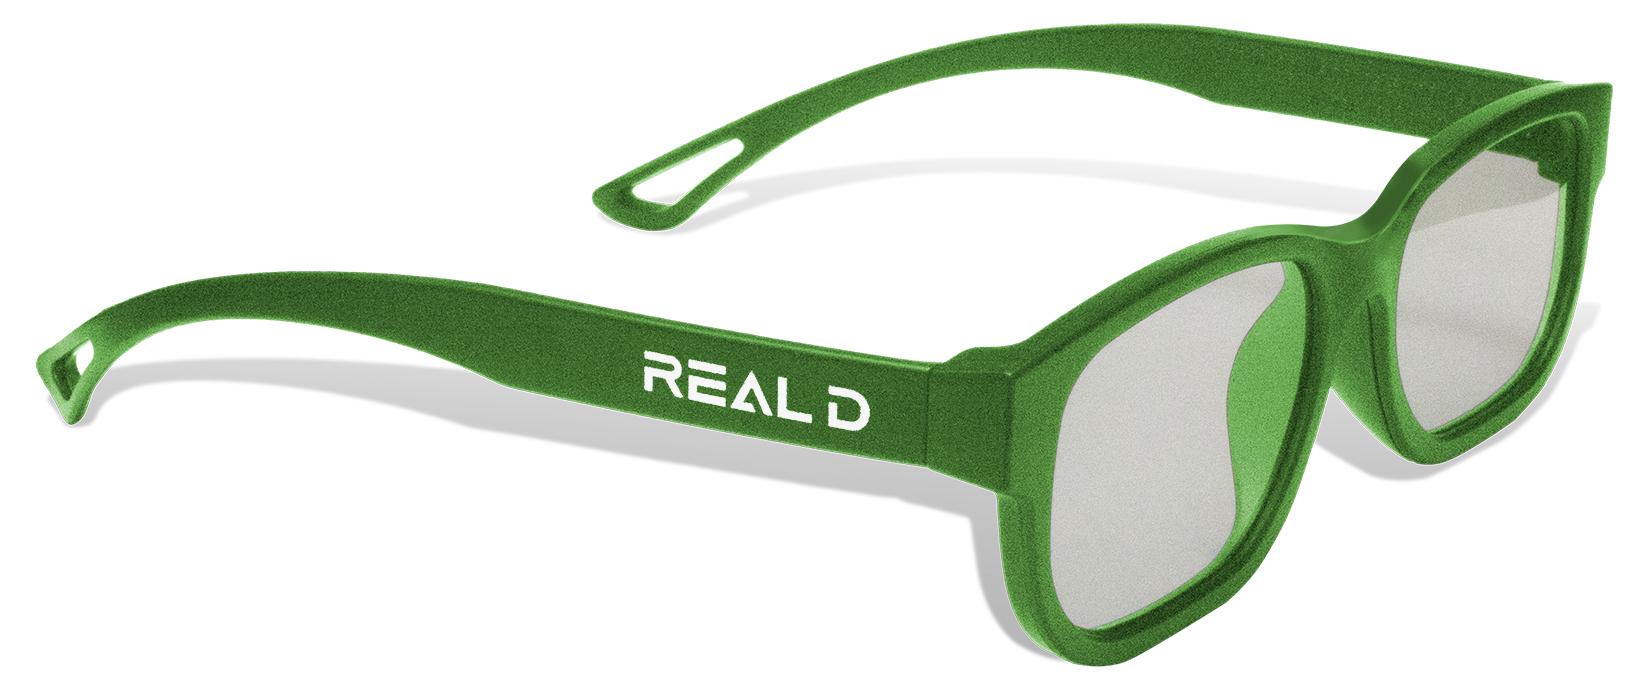 Green_3D_Real_D_Glasses.jpg